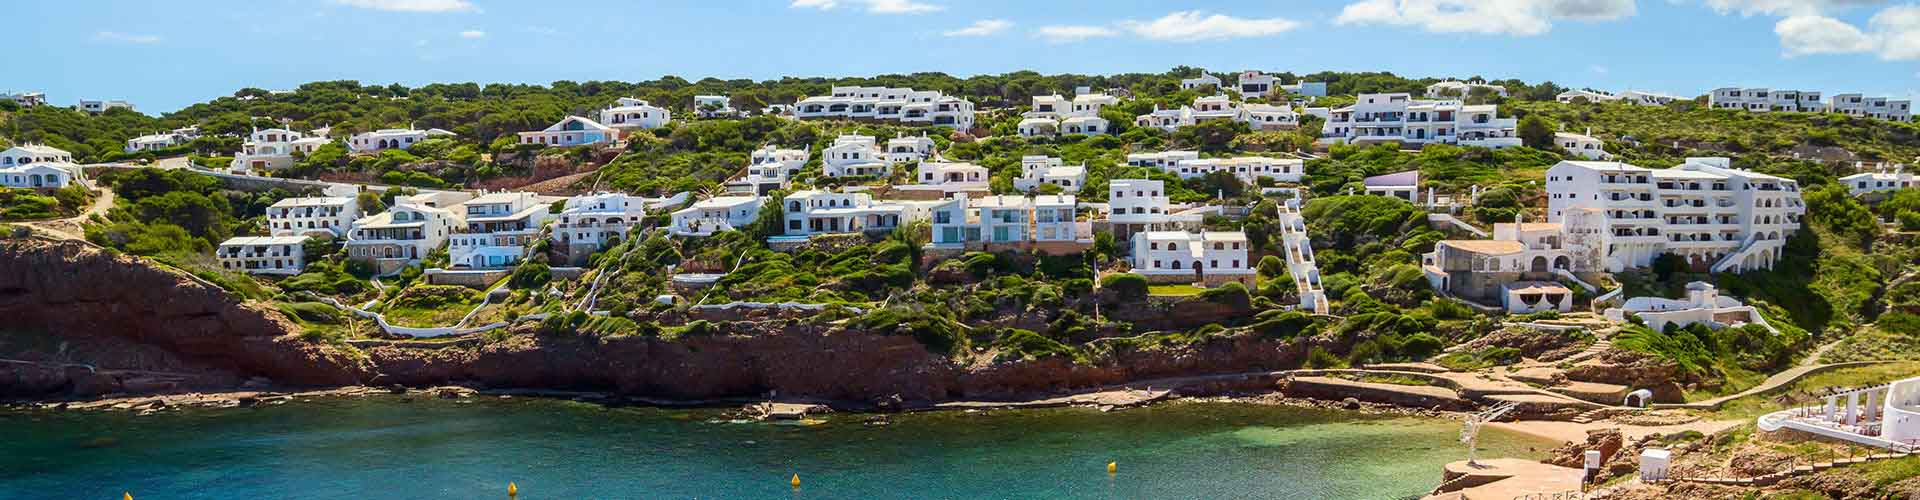 Menorca - Hostales en Menorca. Mapas de Menorca, Fotos y comentarios de cada Hostal en Menorca.